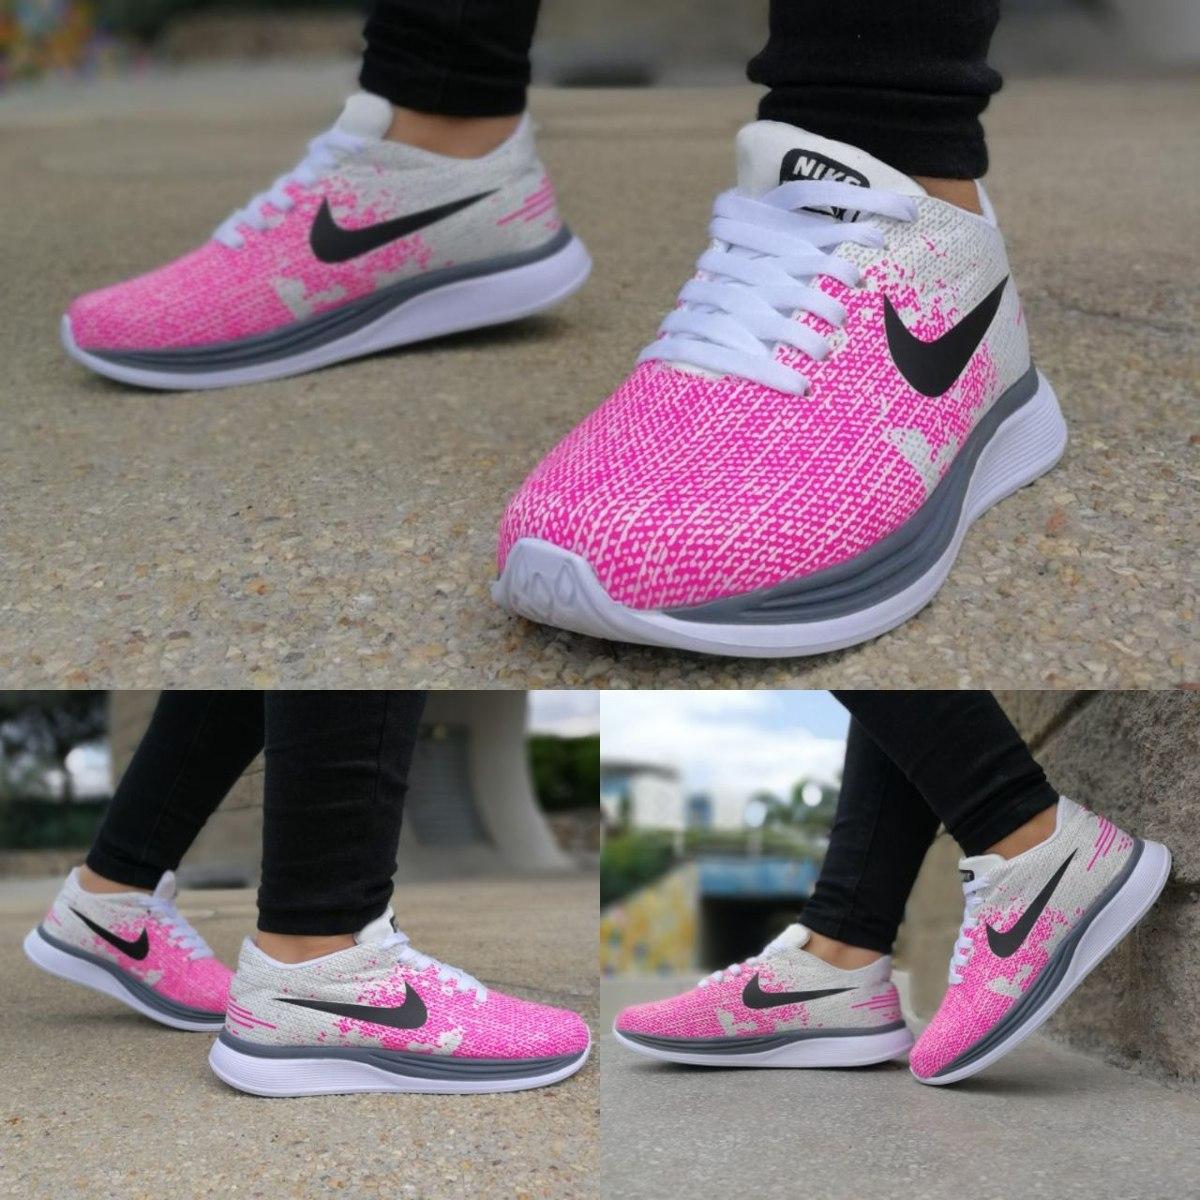 Para 64 Libre Zapatos Nike Deportivos Mercado 000 En Dama gTxHw1nqO7